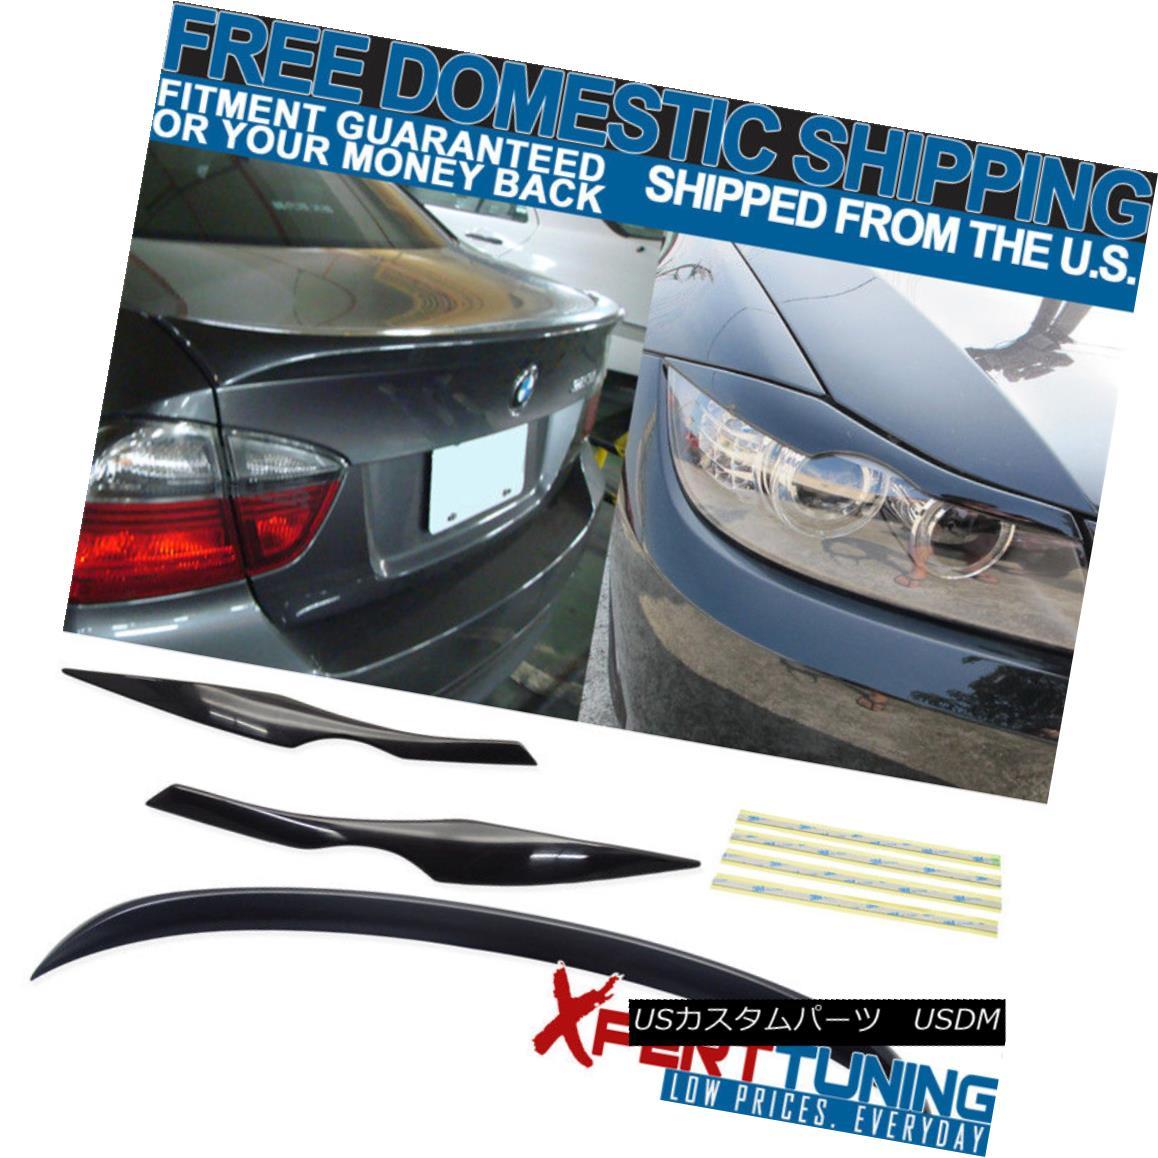 エアロパーツ 06-11 3 Series E90 4Dr Sedan OE ABS Trunk Spoiler + Headlight Eyebrow Unpainted 06-11 3シリーズE90 4DrセダンOE ABSトランク・スポイラー+ヘッドライト・アイブロウ無塗装